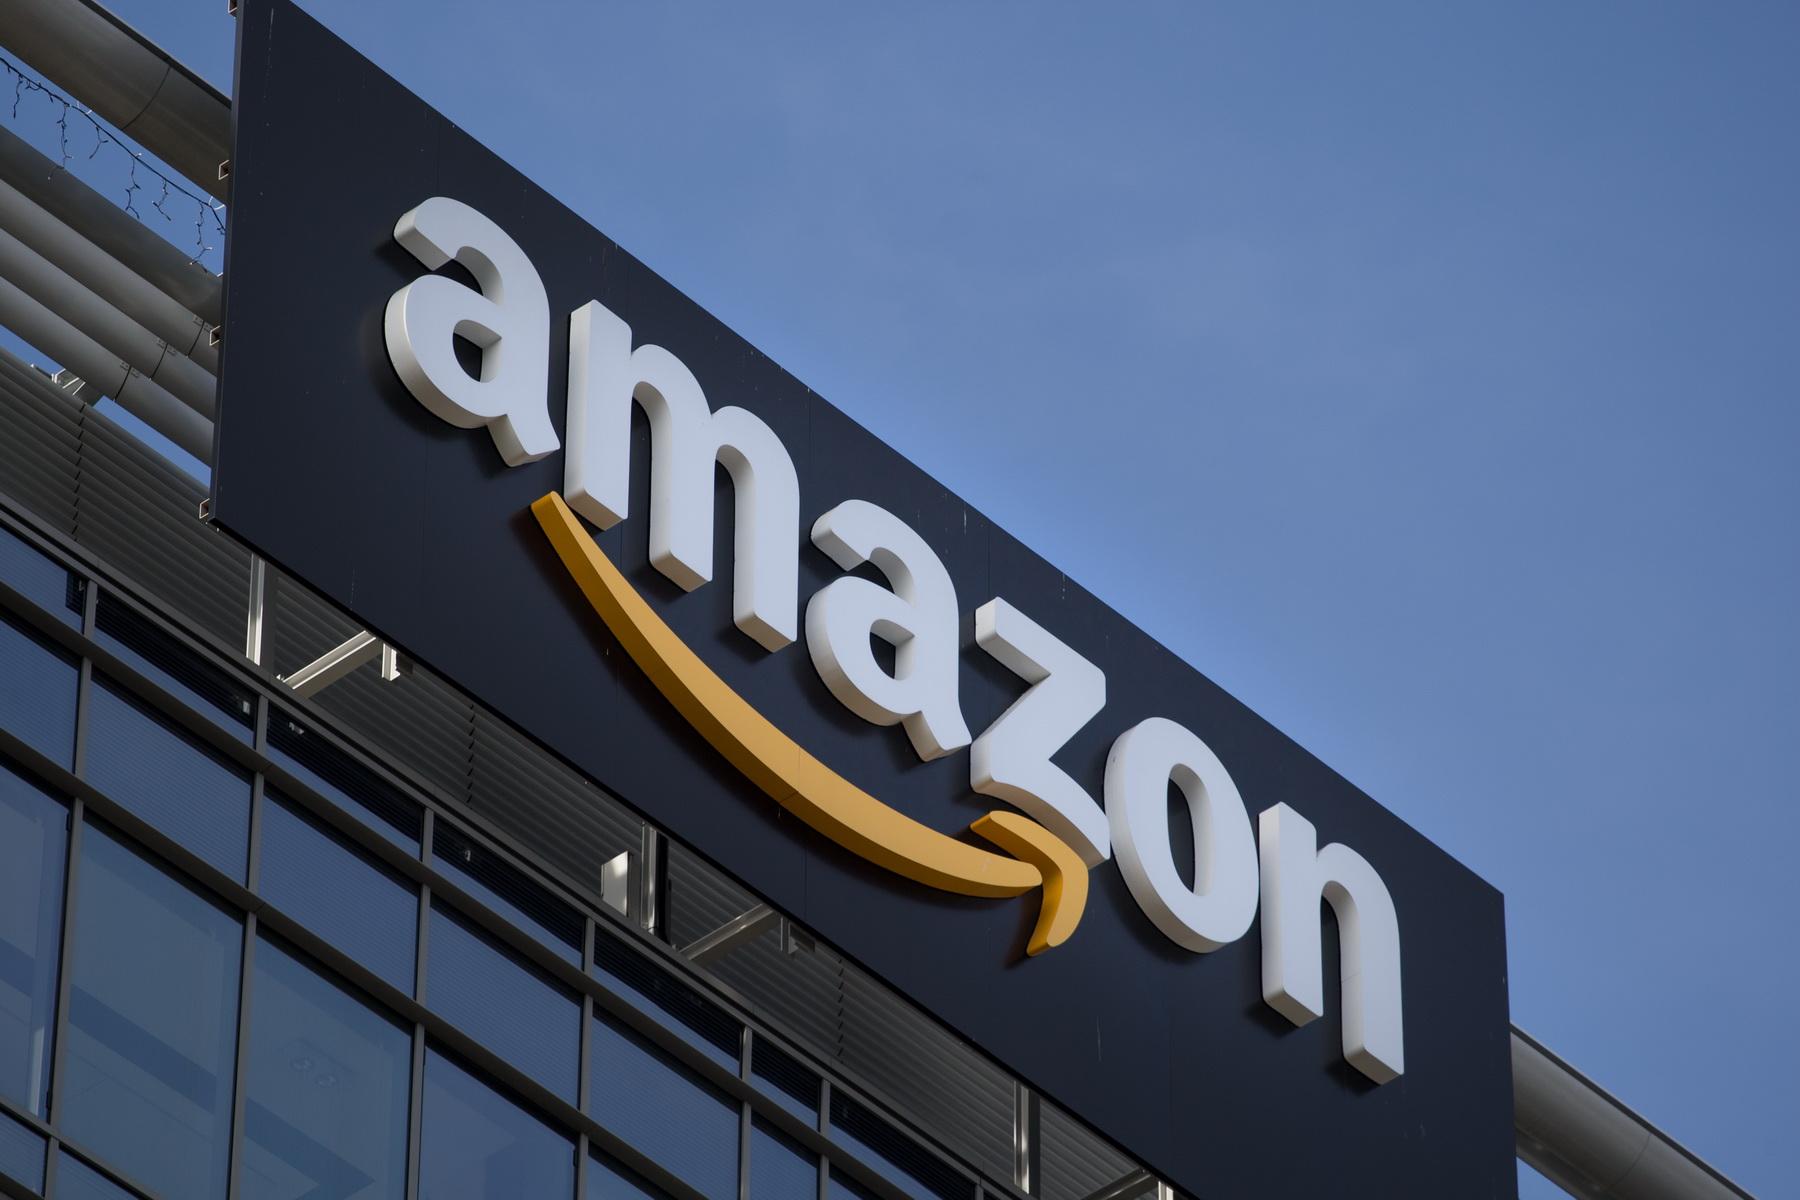 Amazon наняла детективов, чтобы воспрепятствовать объединению своих служащих в профсоюзы